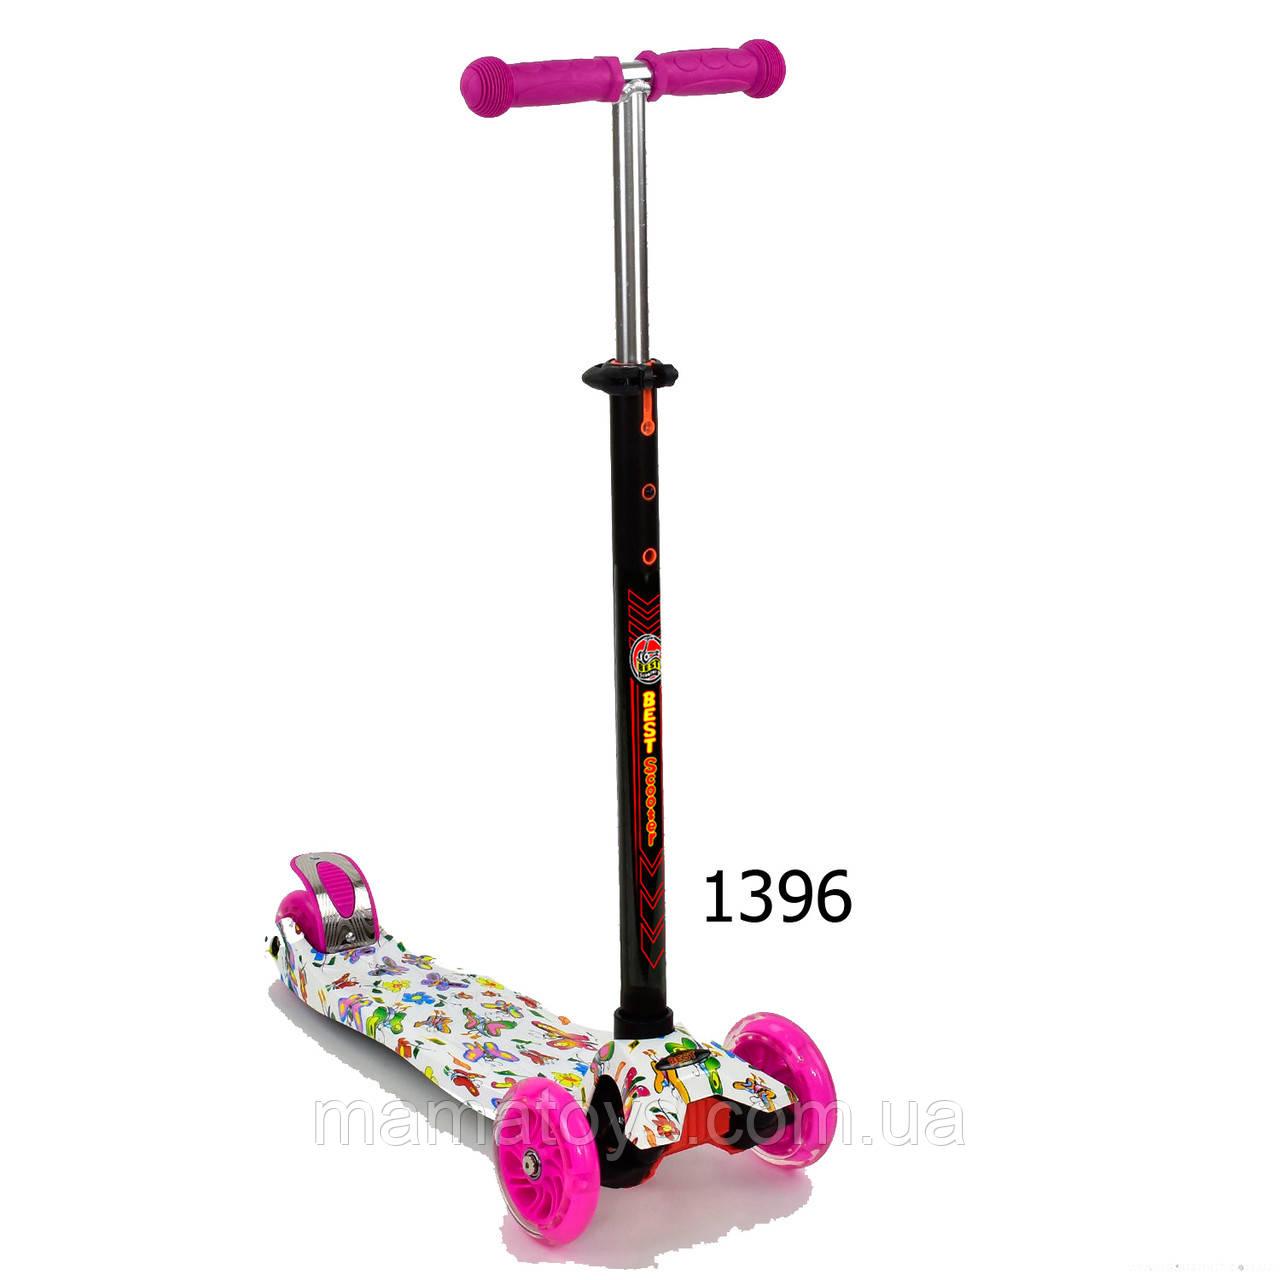 Детский Самокат Best Scooter 1396 Розовый Макси Принт Колеса PU, светятся А 24651 /779-1395